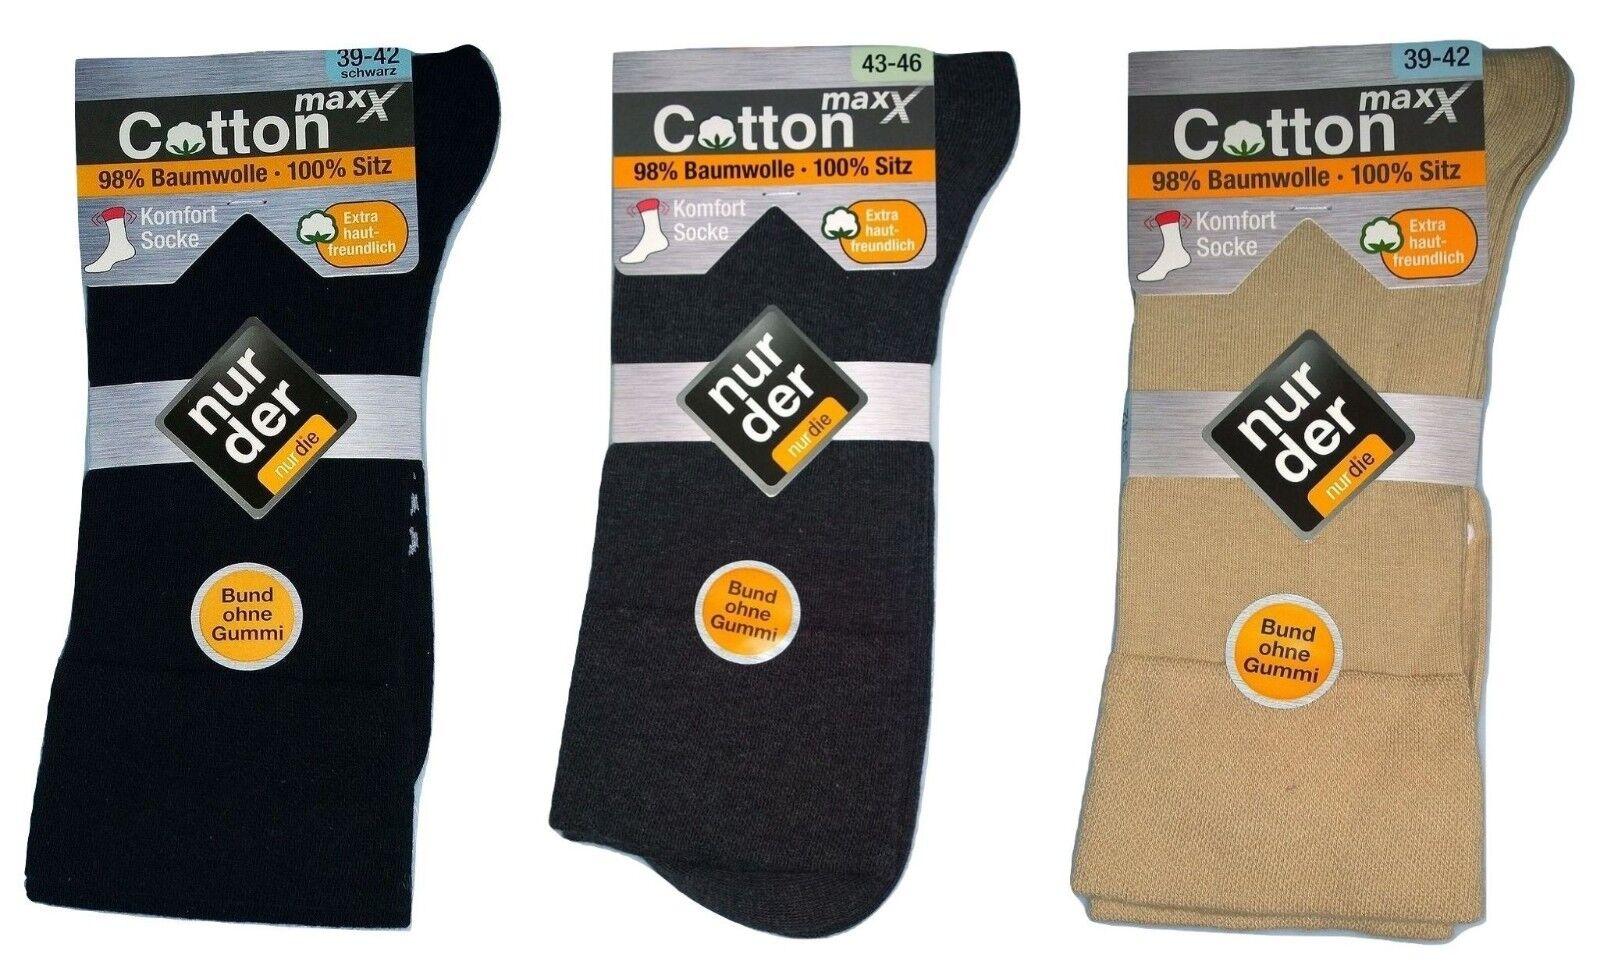 Nur Der Komfort Socken Cotton Maxx Bund ohne Gummi Schwarz/Grau/Beige